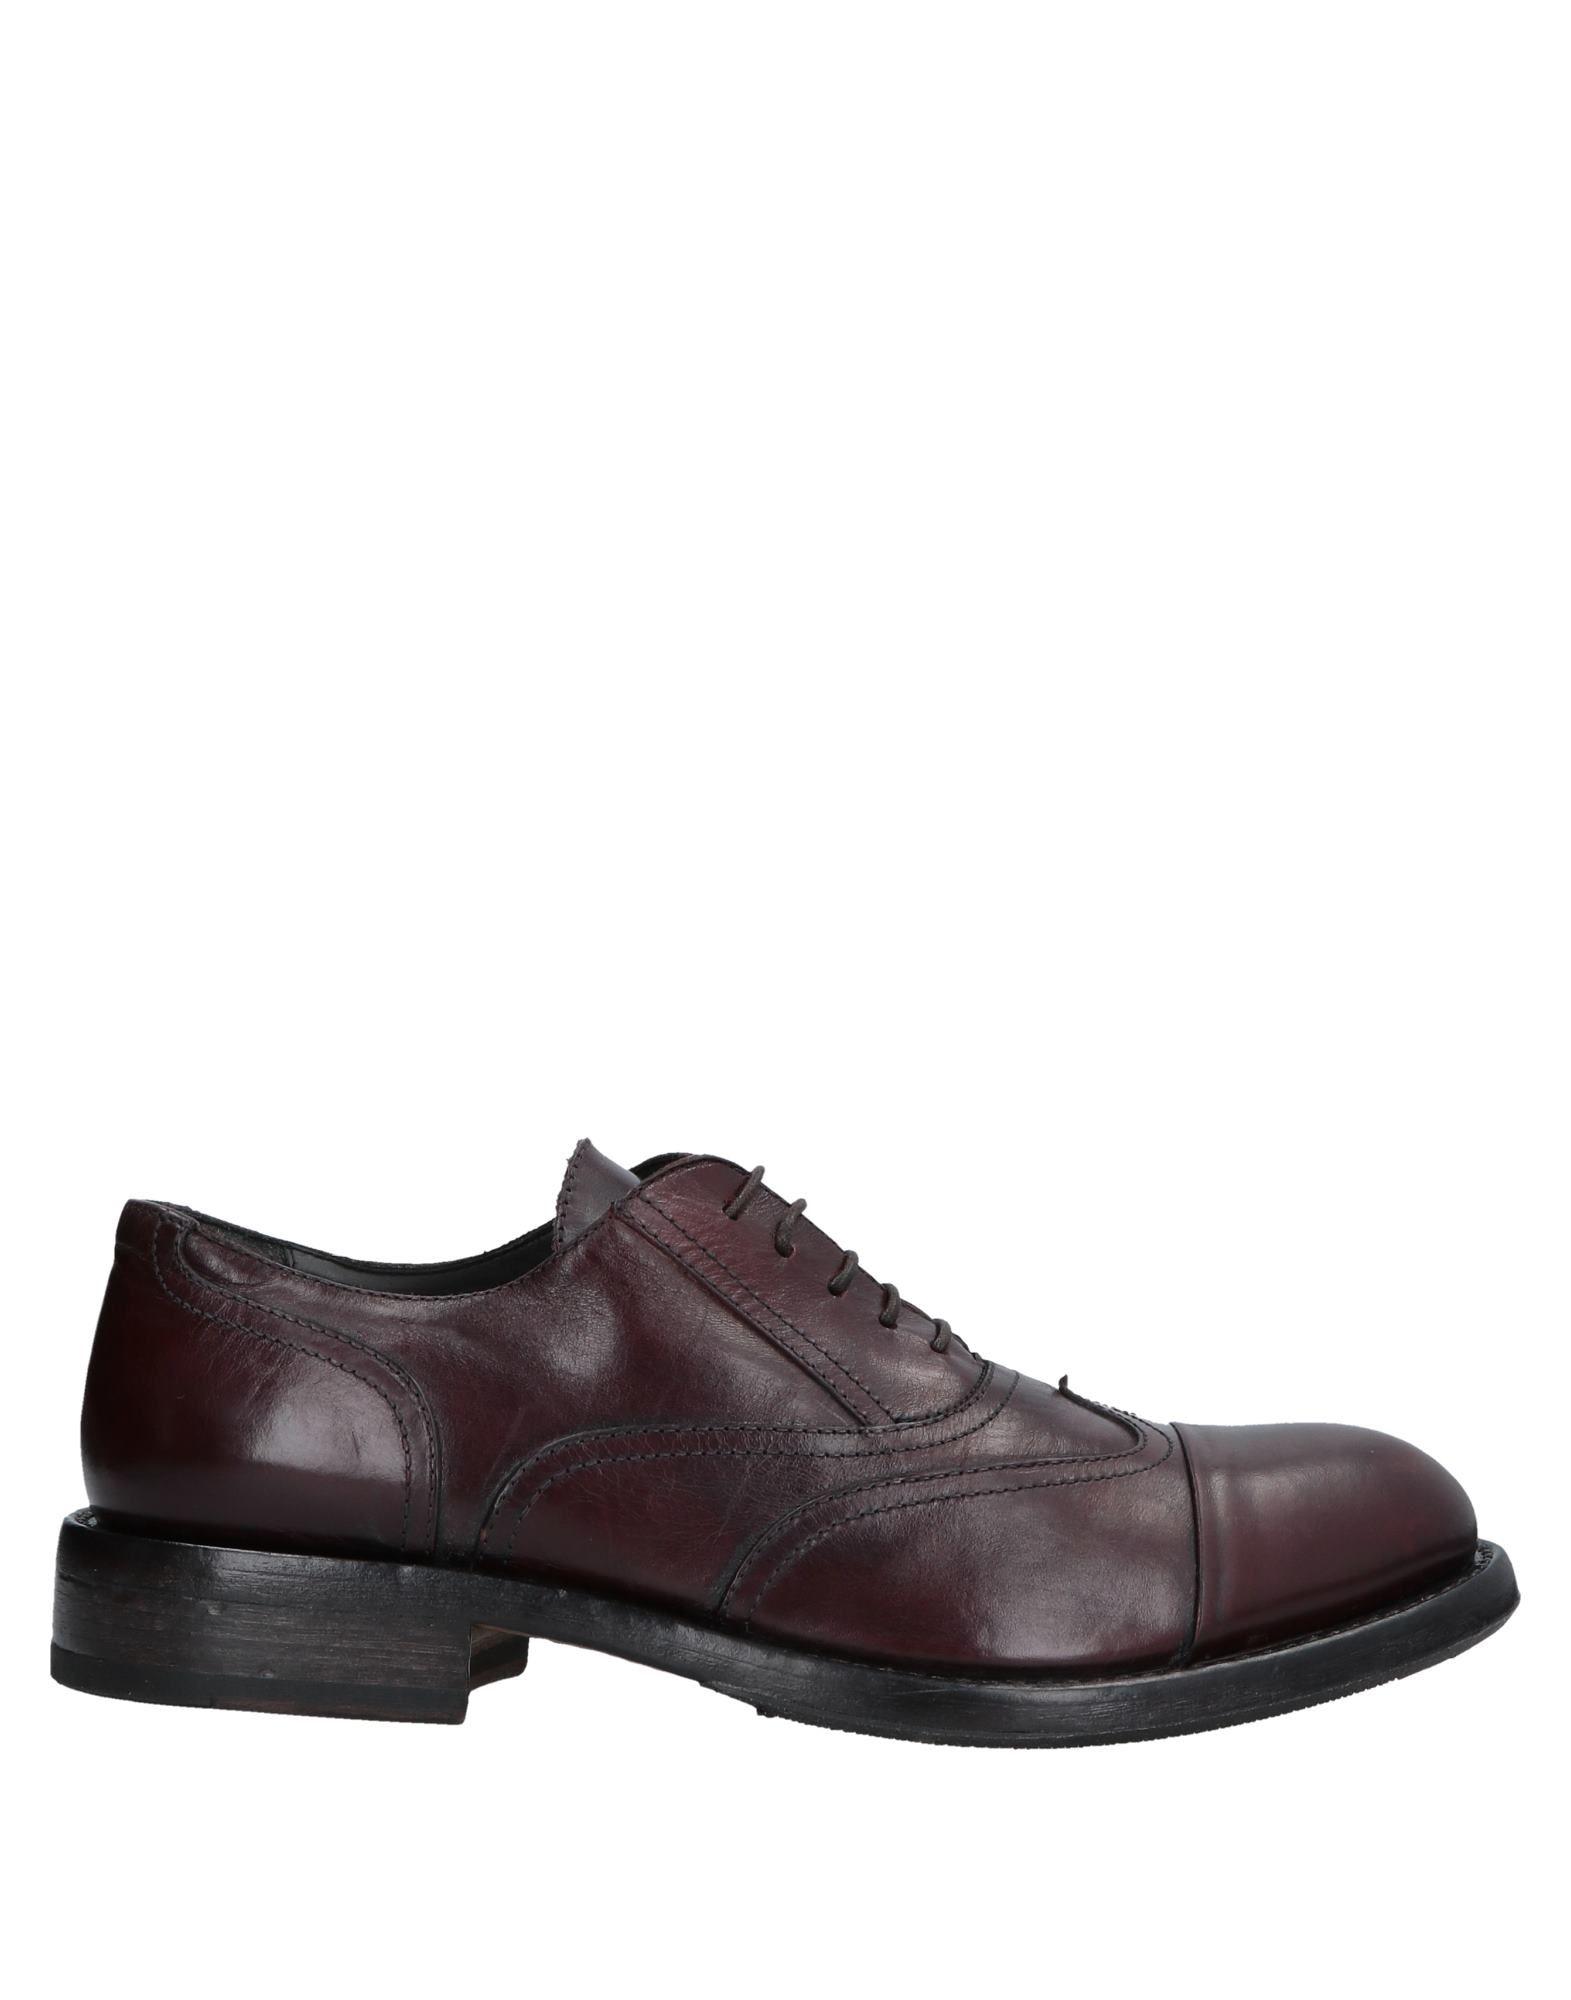 Фото - MOMA Обувь на шнурках обувь на высокой платформе dkny